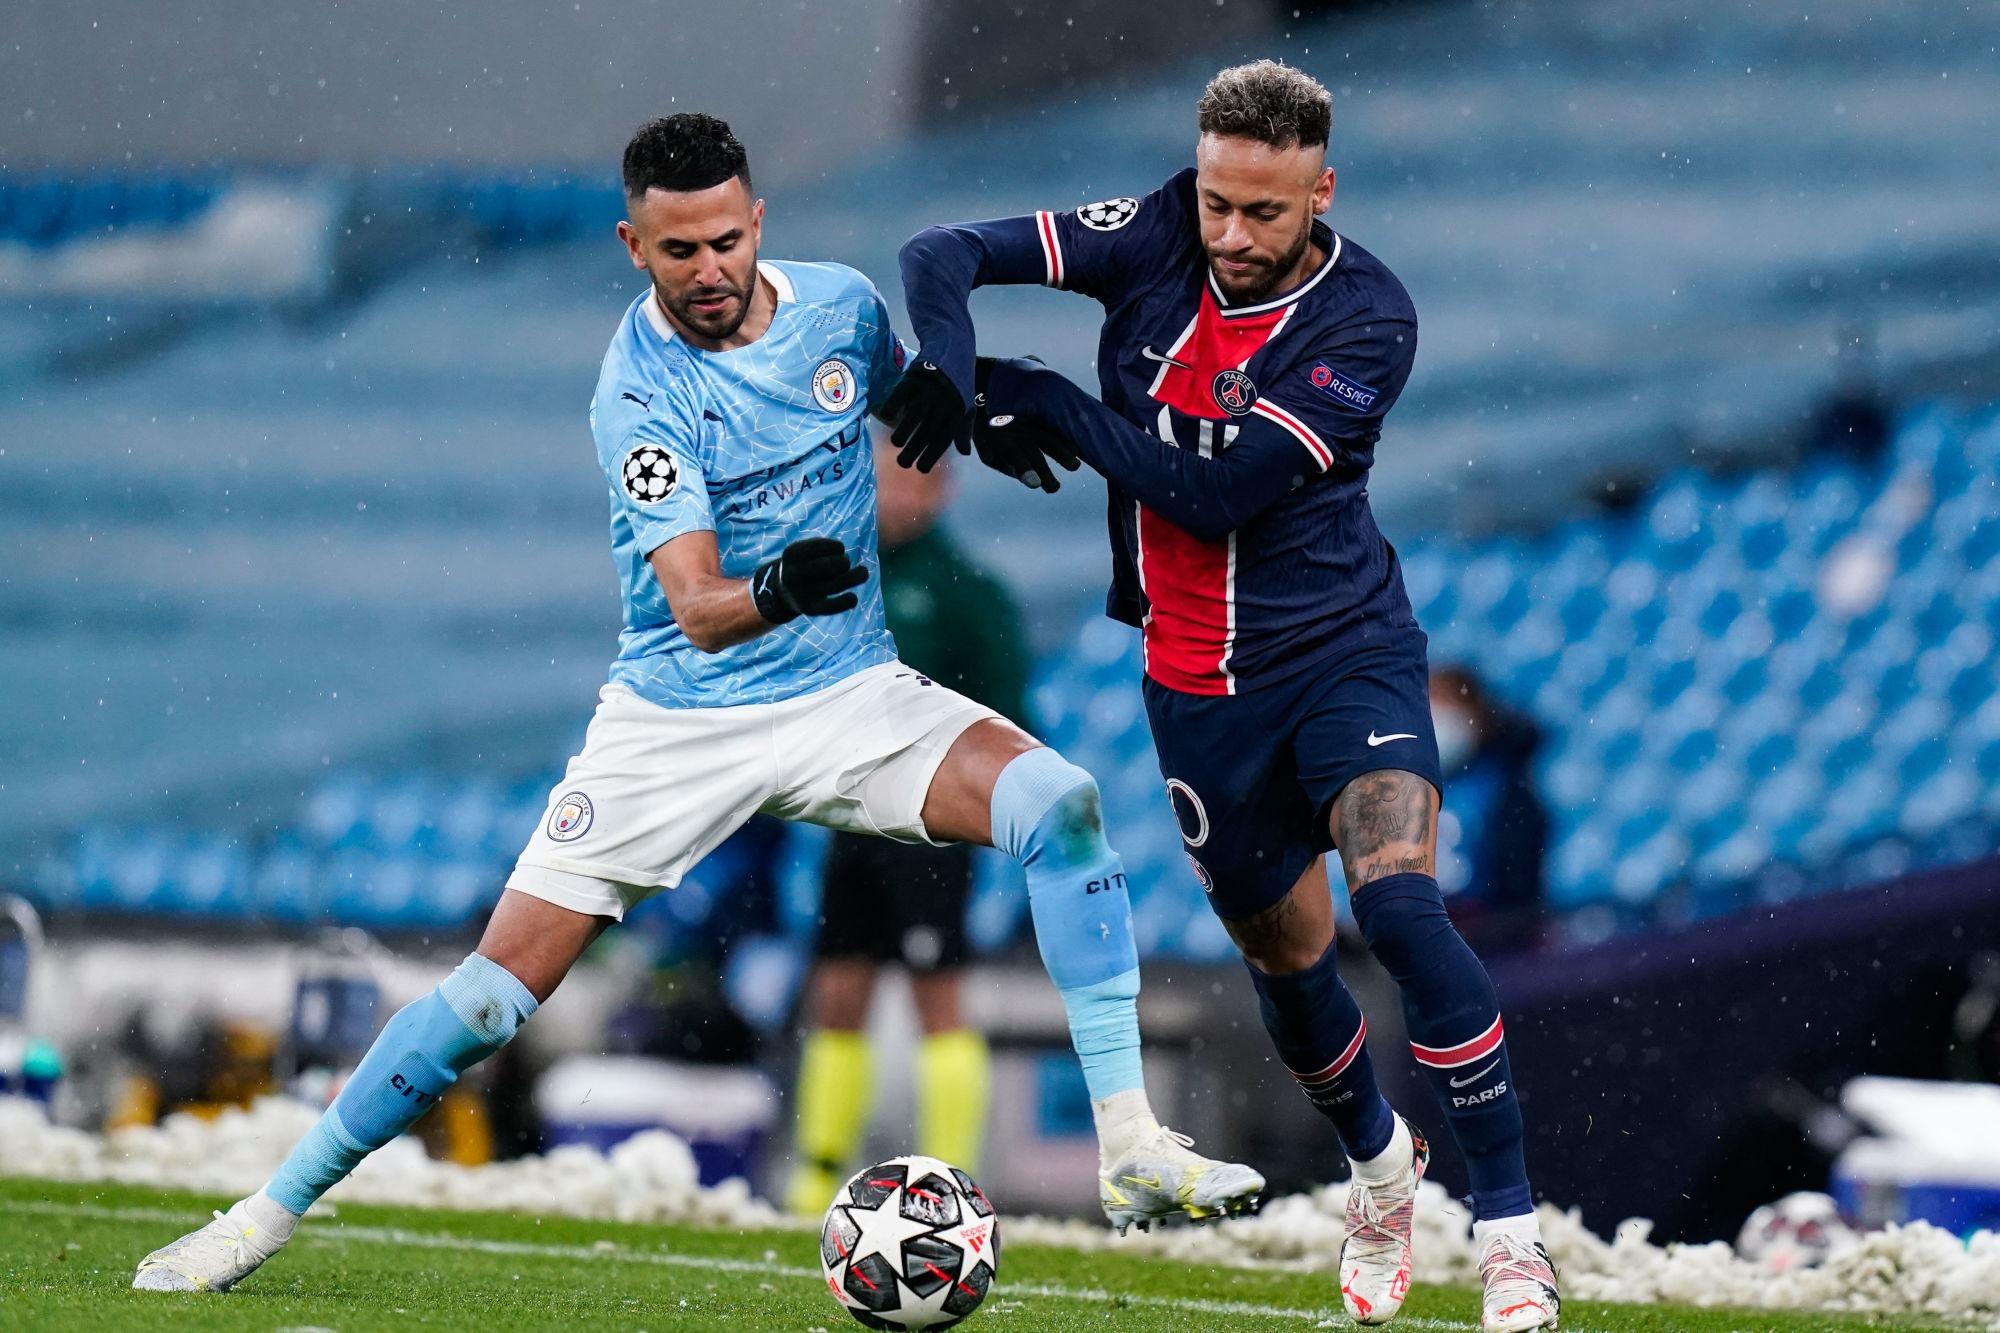 City/PSG - Les notes des Parisiens : Neymar symbole du manque de réalisme